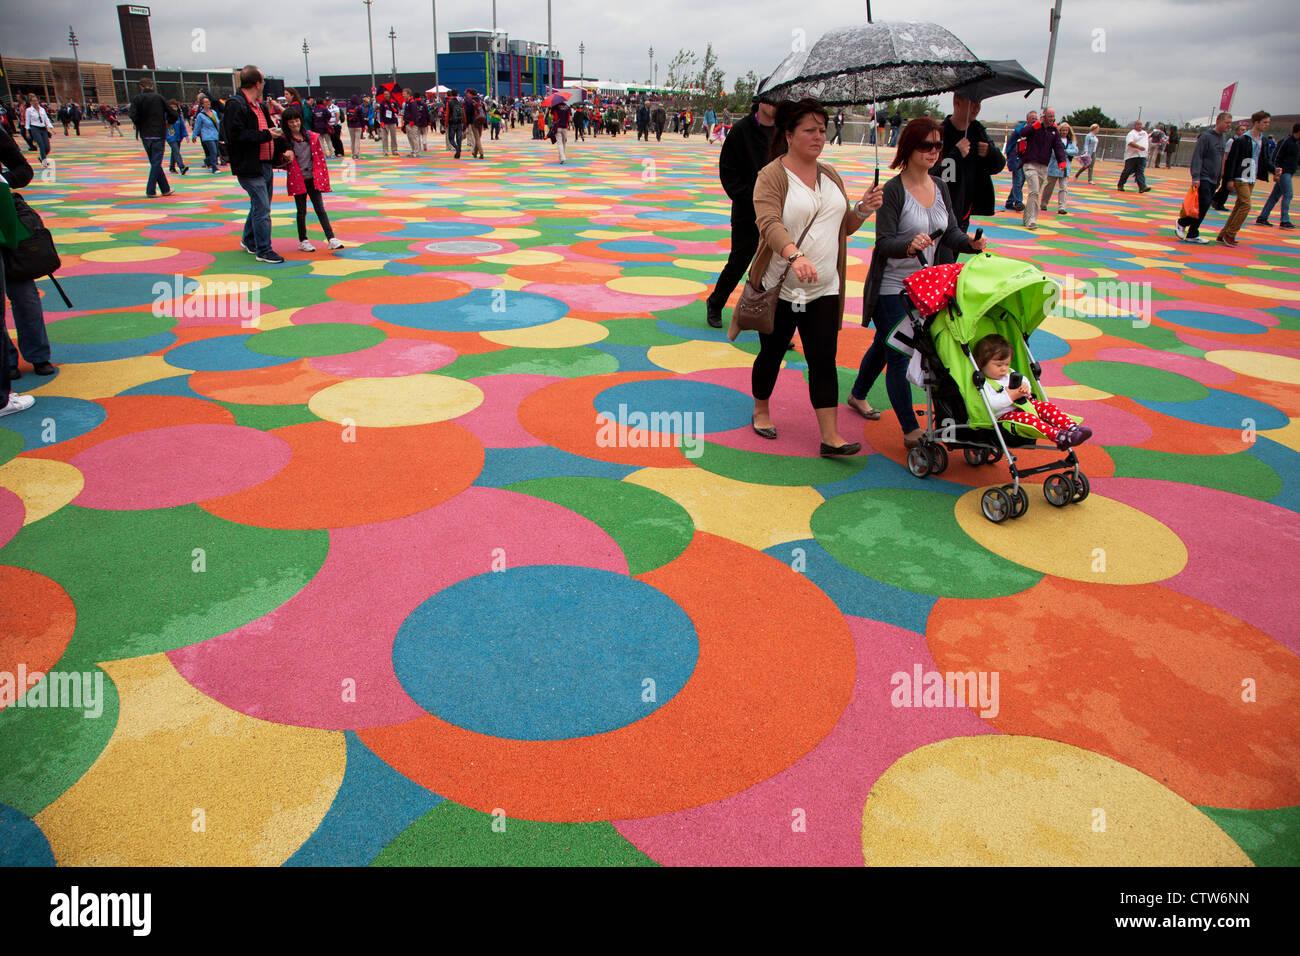 El Parque Olímpico de Londres 2012, en Stratford. Pasarela de color que es suave y apto para los niños. Foto de stock